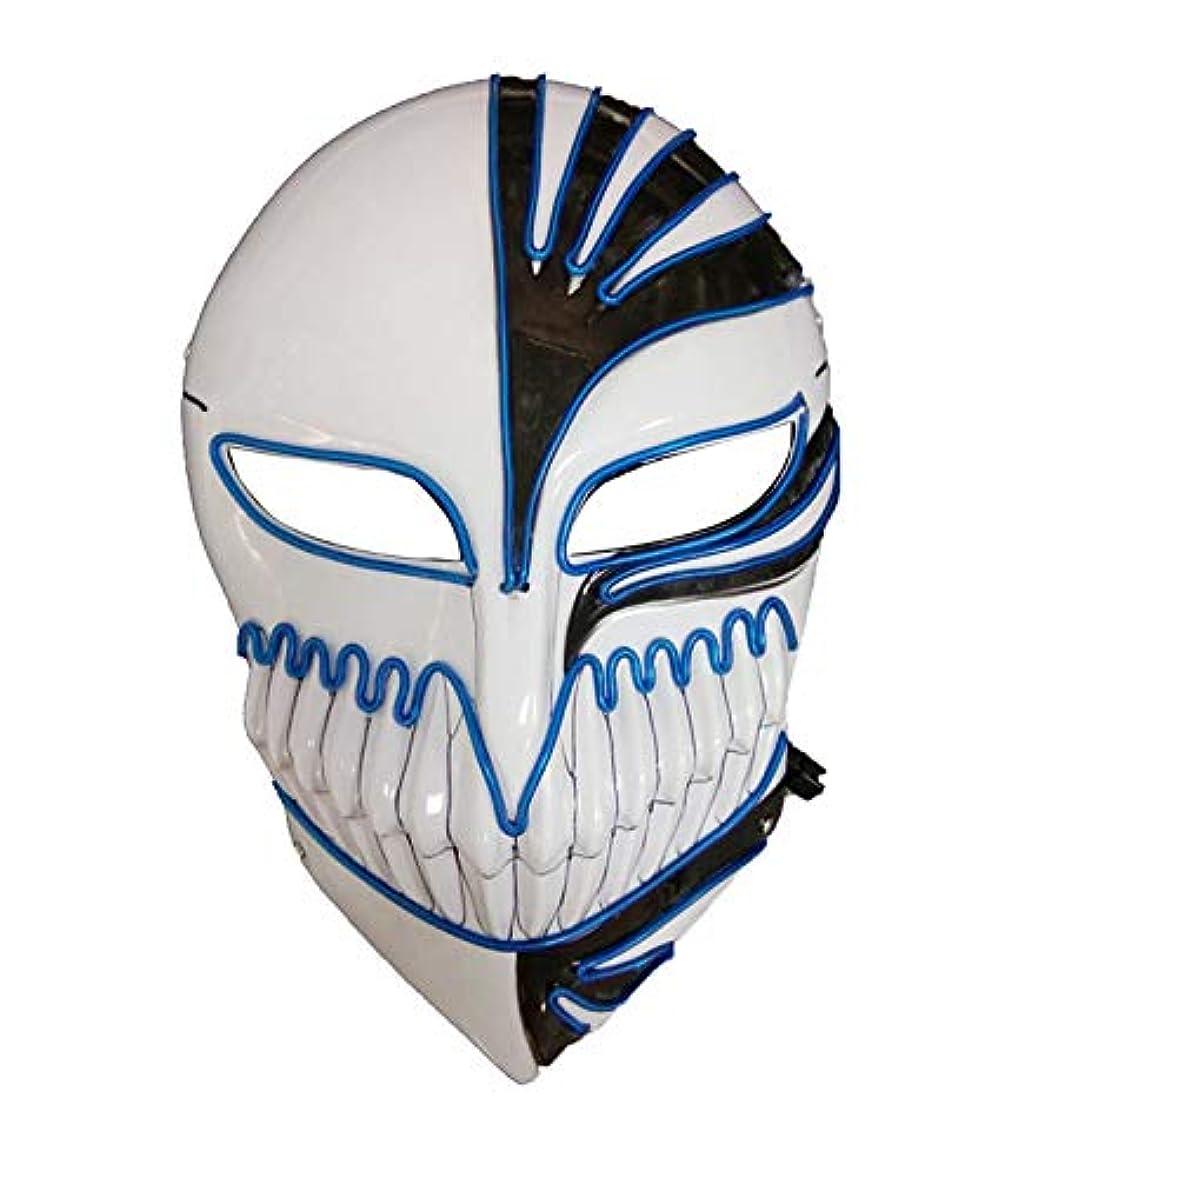 巻き取り偶然試してみるLEDハロウィーンマスクライトアップマスクグローイングマスク、コスプレ、ブルー